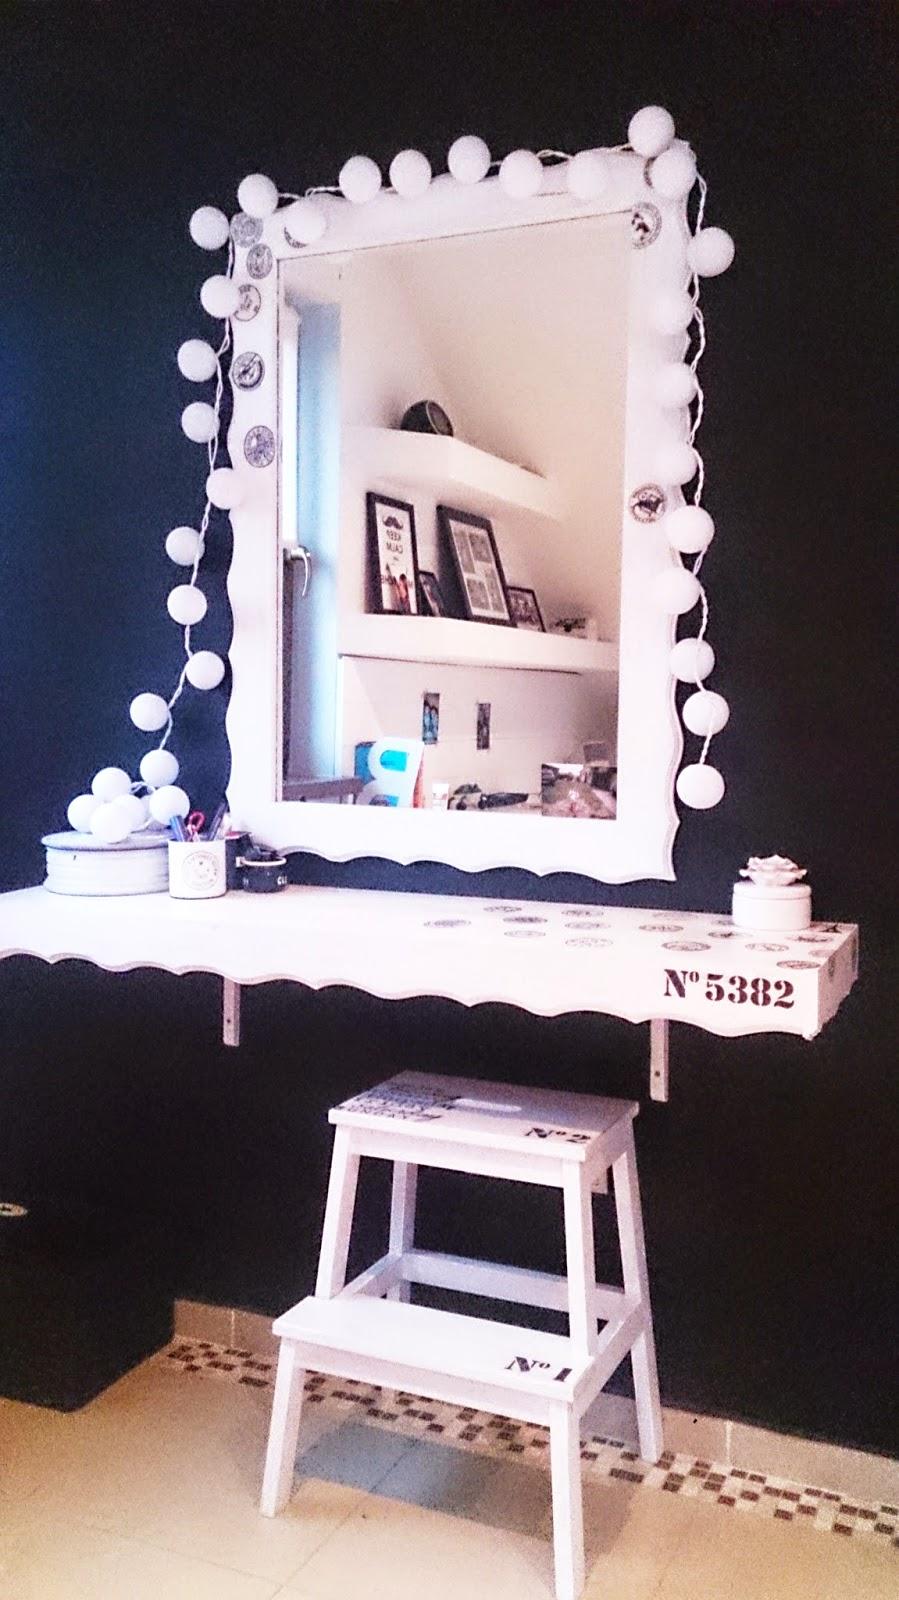 biało czarny pokój,b&w,pokój nastolatki,toaletka DIY,zrób to sam,inspiracje,krok po kroku,blog DIY,wnętrza biało czarne,cotton balls lights,girlanda świetlna